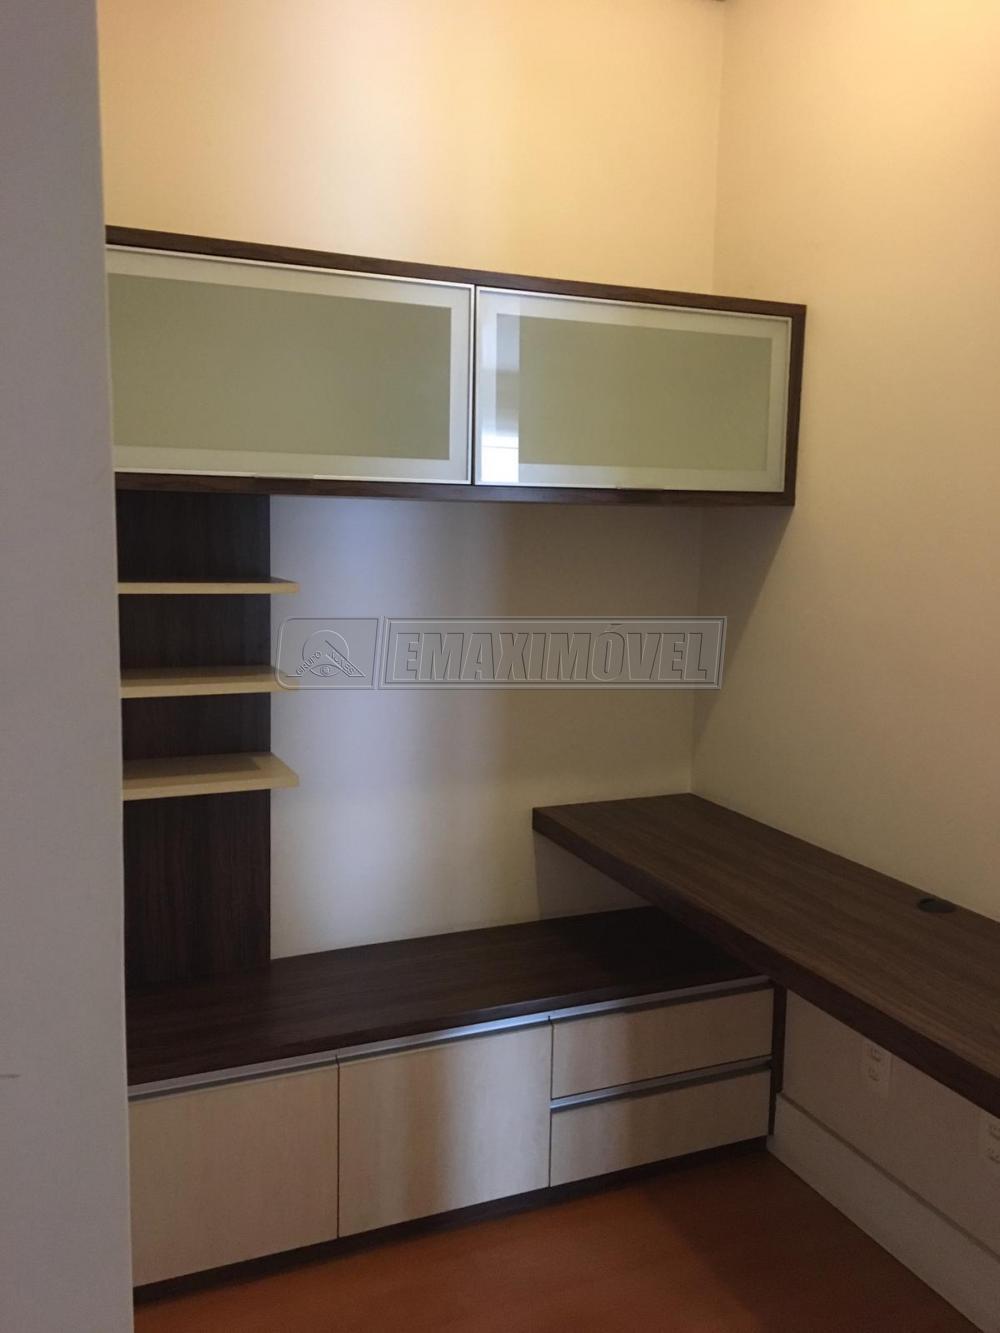 Comprar Apartamentos / Apto Padrão em Sorocaba apenas R$ 300.000,00 - Foto 8